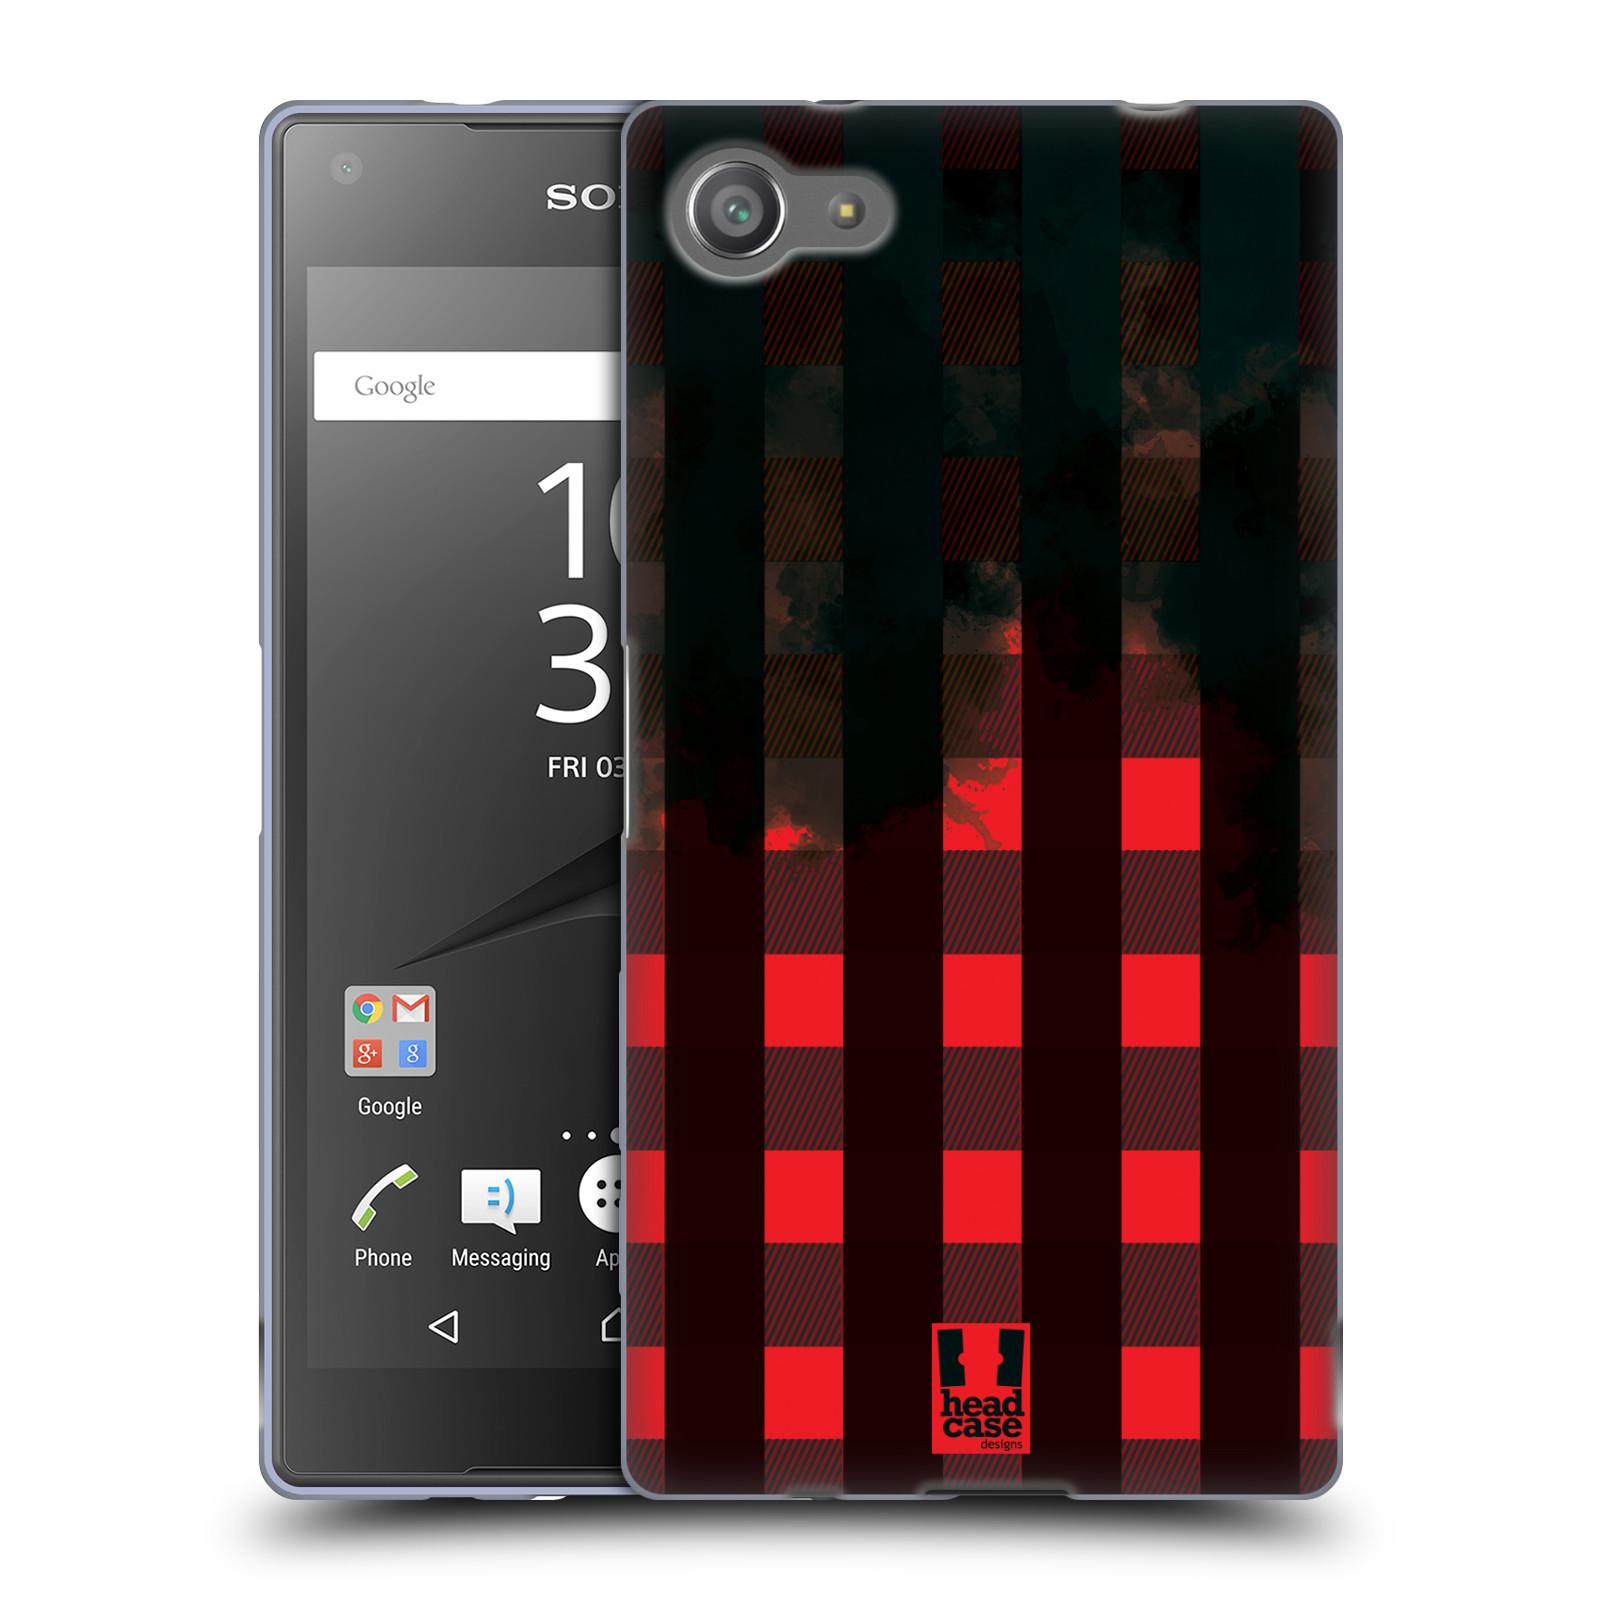 Silikonové pouzdro na mobil Sony Xperia Z5 Compact HEAD CASE FLANEL RED BLACK (Silikonový kryt či obal na mobilní telefon Sony Xperia Z5 Compact E5823)